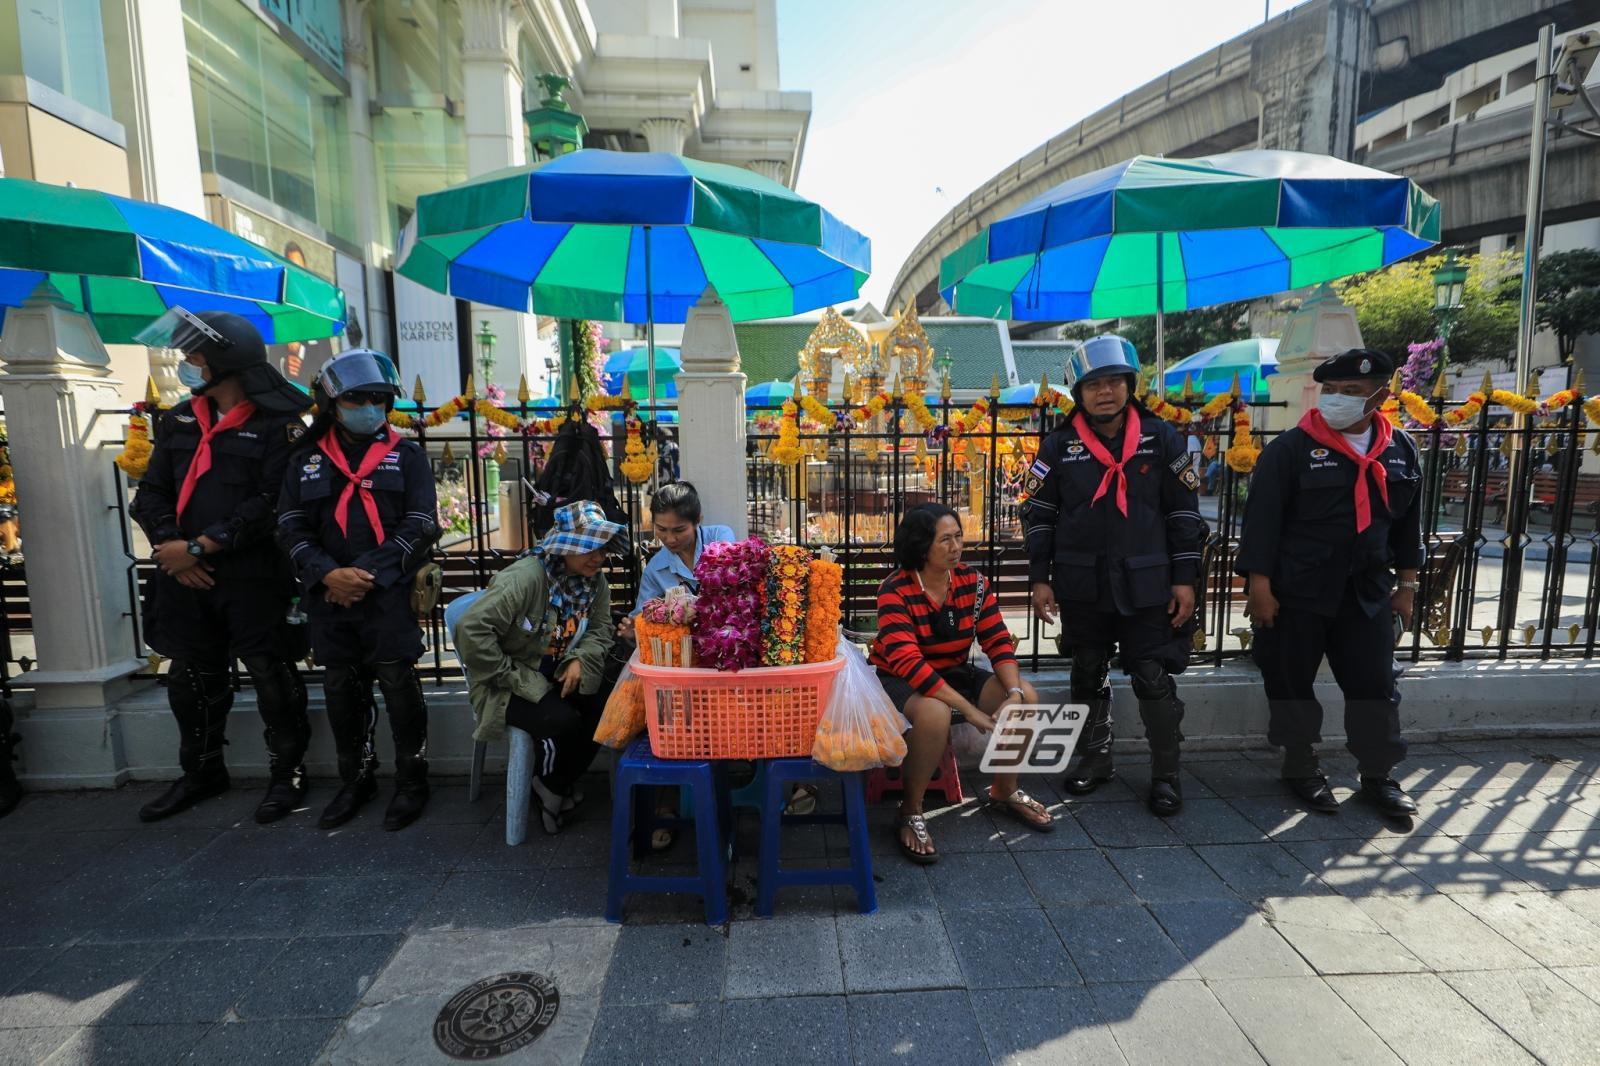 """""""แยกราชประสงค์"""" สี่แยกมหาเทพ สี่แยกมหาเศรษฐี ย้อน 10 ปี ฉากใหญ่ จุดเปลี่ยนการเมืองไทย"""